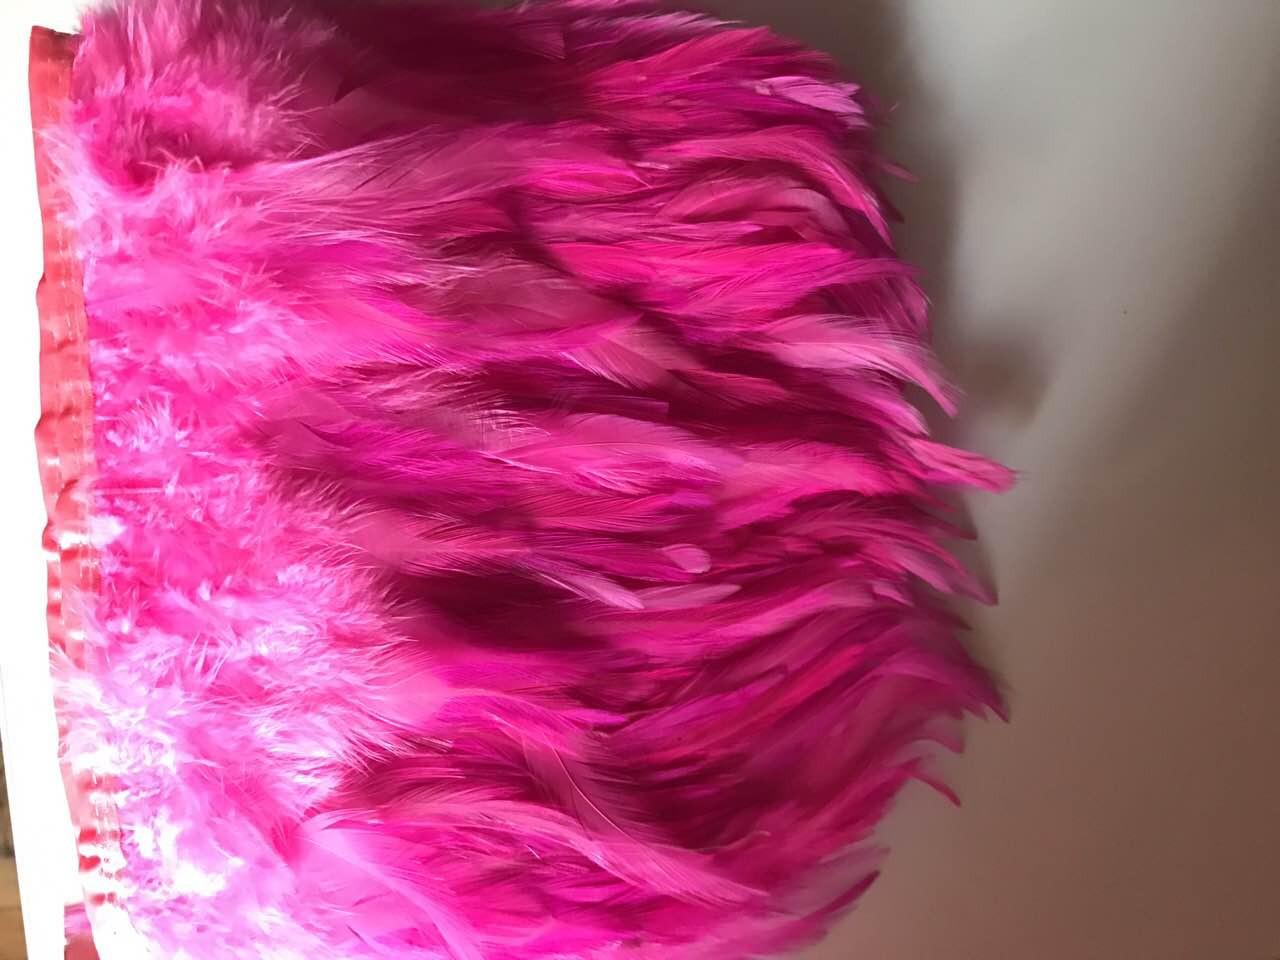 Пір'яна тасьма з пір'я півня.Колір на рожевий.Ціна за 0,5 м